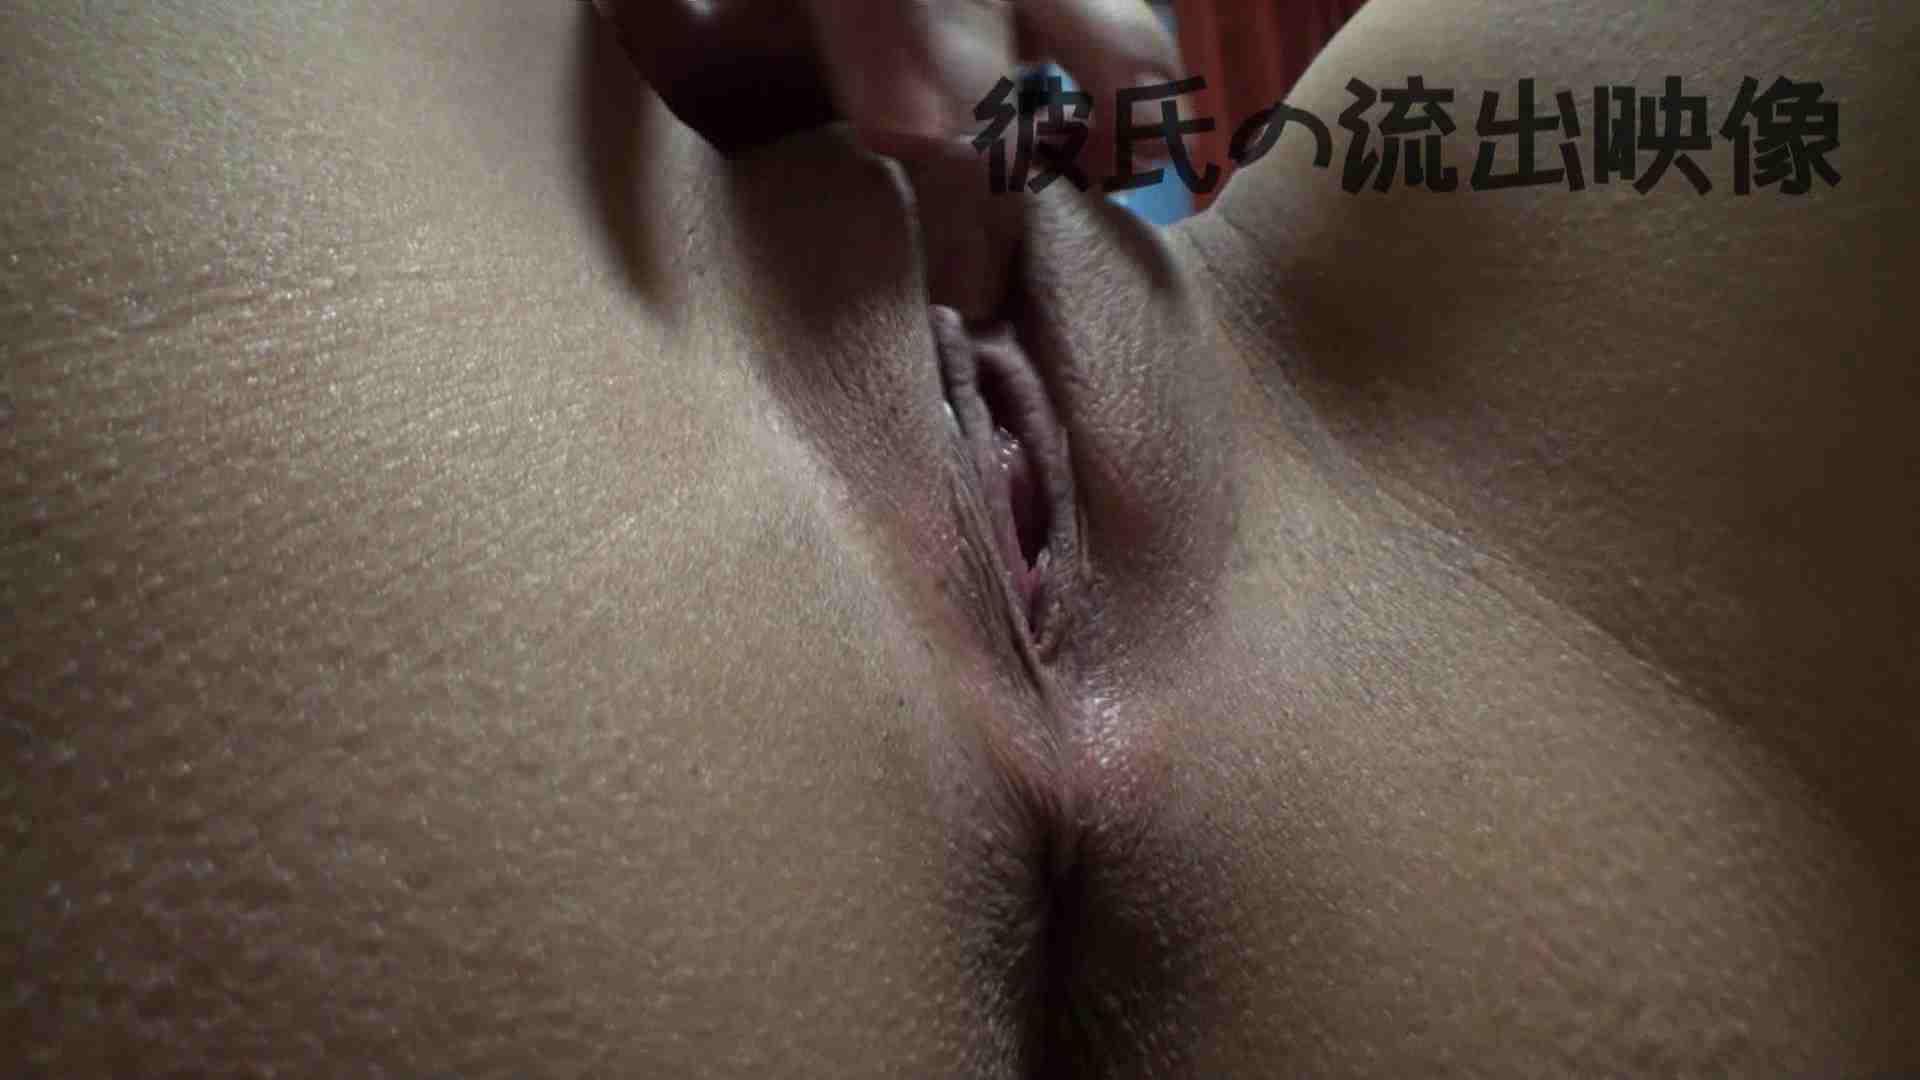 彼氏が流出 パイパン素人嬢のハメ撮り映像04 一般投稿  82連発 43